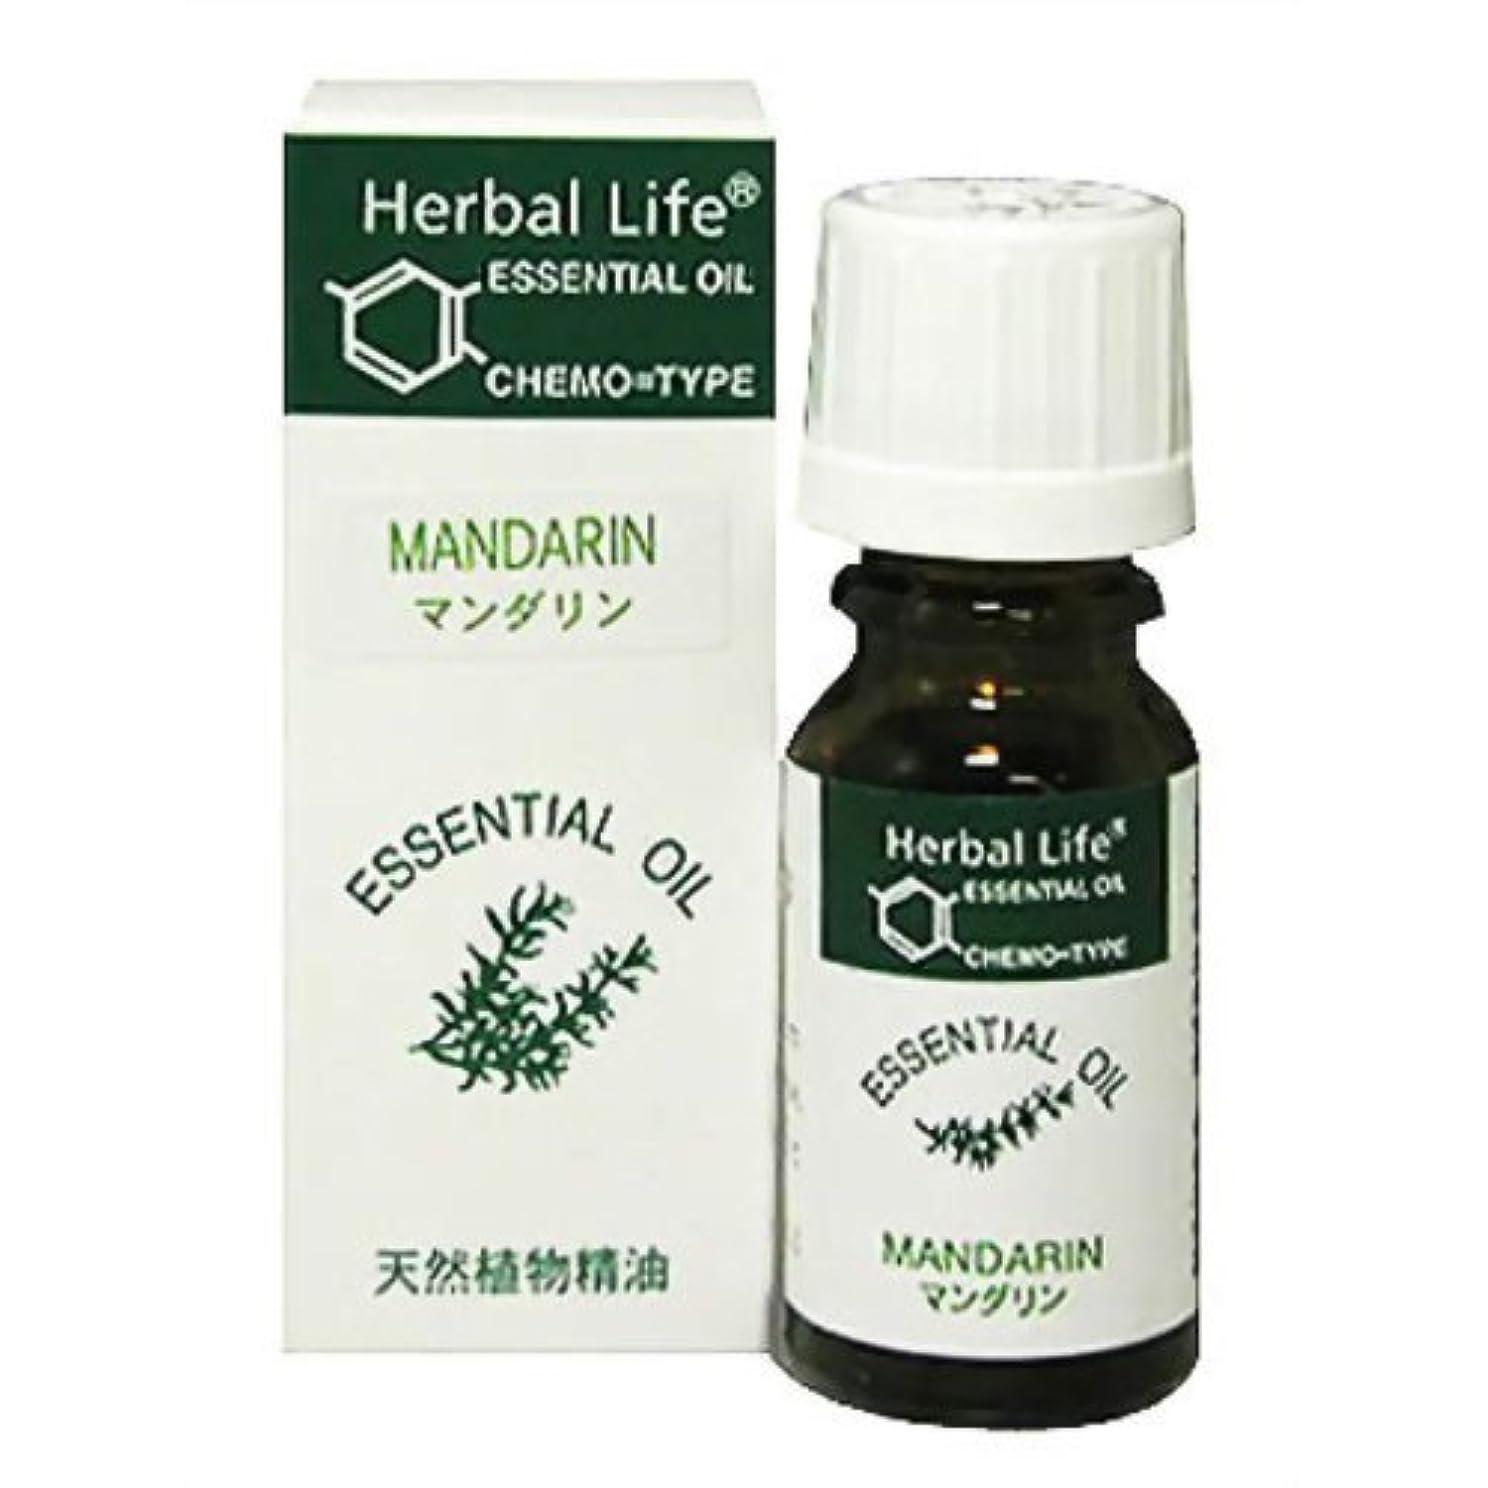 のためにアパートミシン目生活の木 Herbal Life マンダリン 10ml